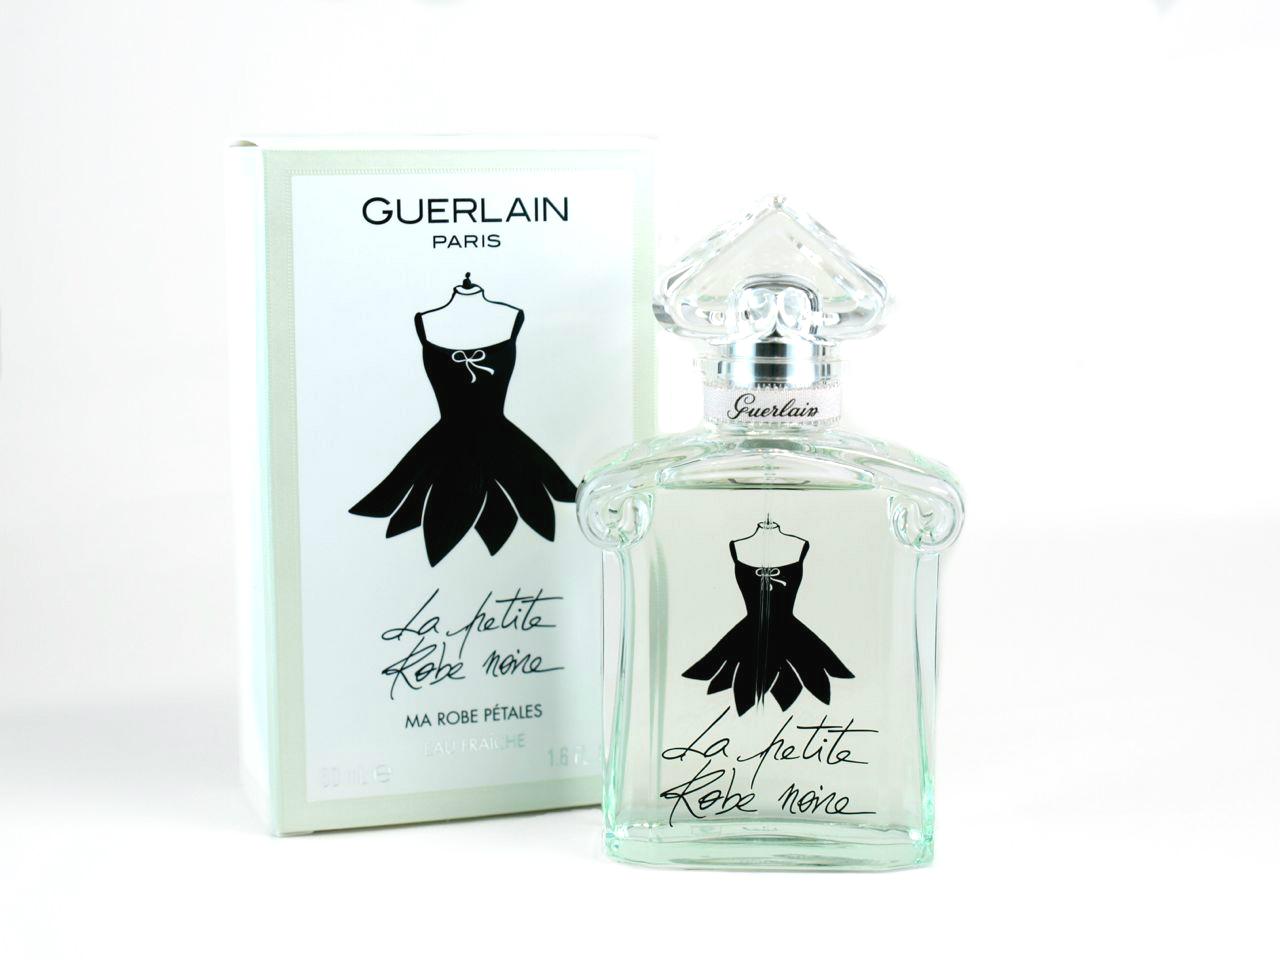 La petite robe noire de guerlain 50ml